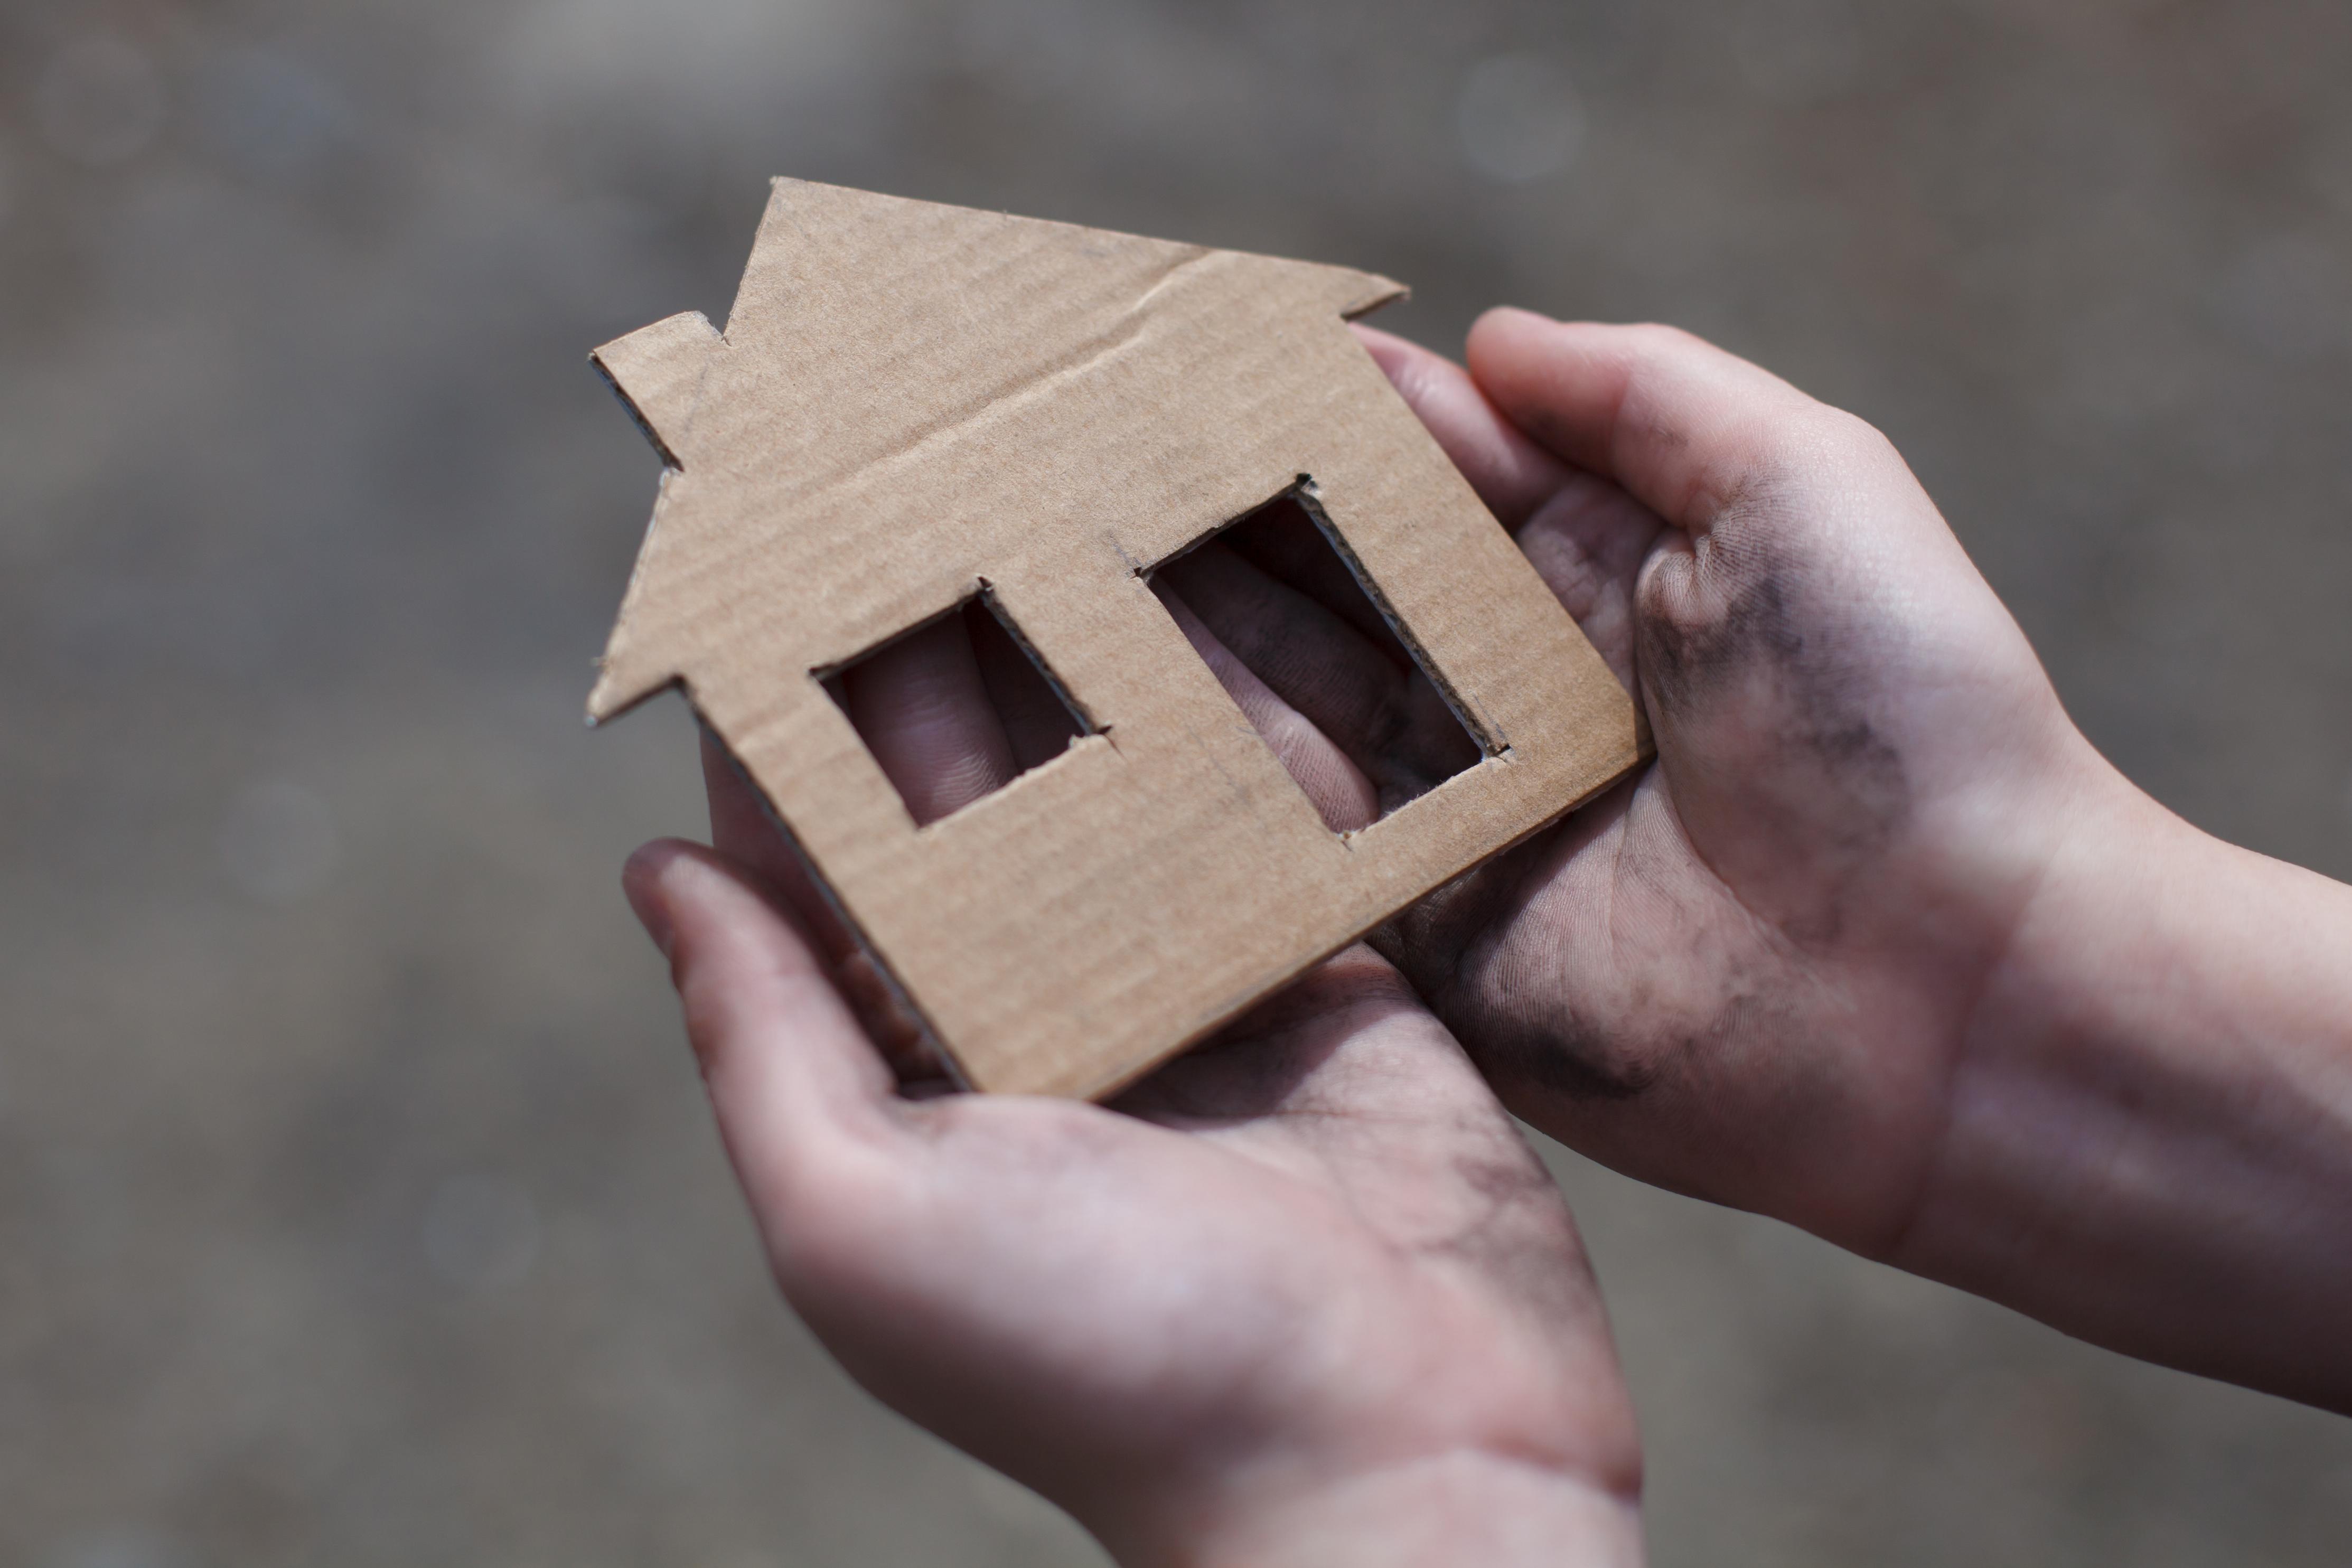 cardboard_home.jpg